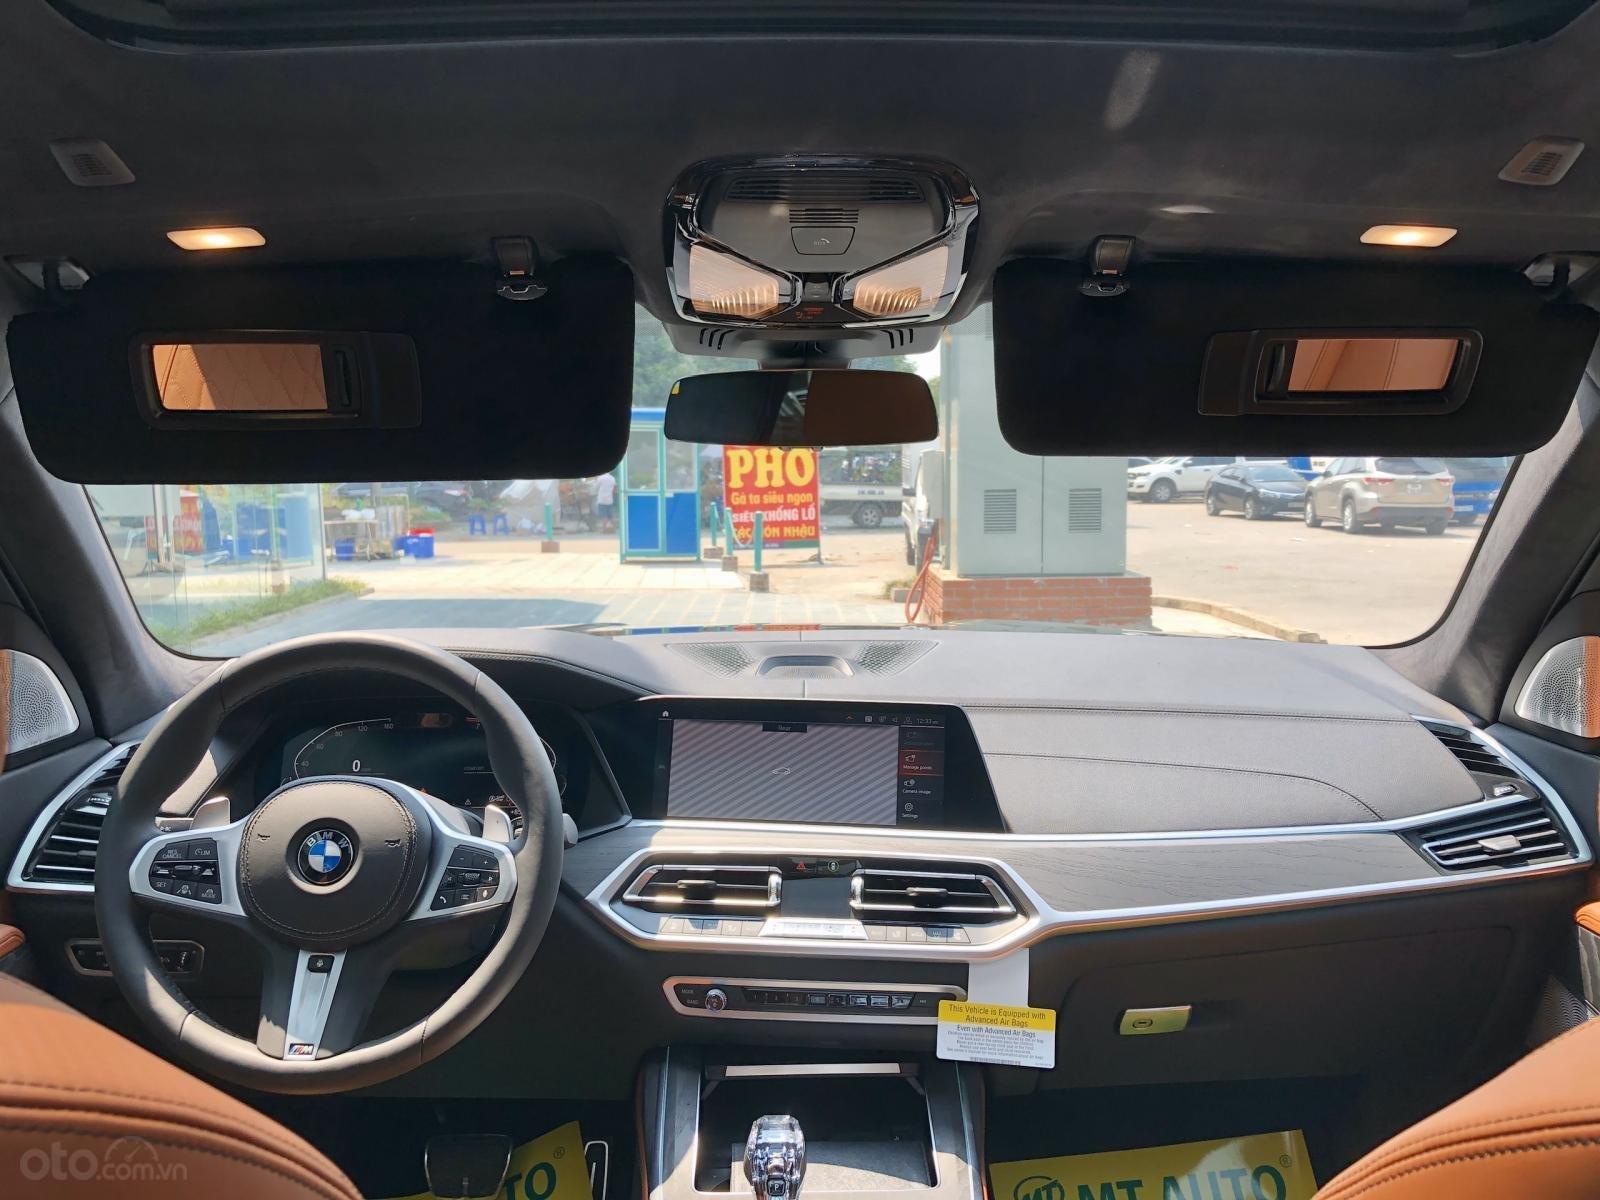 Bán BMW X7 xDrive40i đời 2020, nhập Mỹ, giao ngay toàn quốc, giá tốt, LH 0945.39.2468 Ms Hương (17)